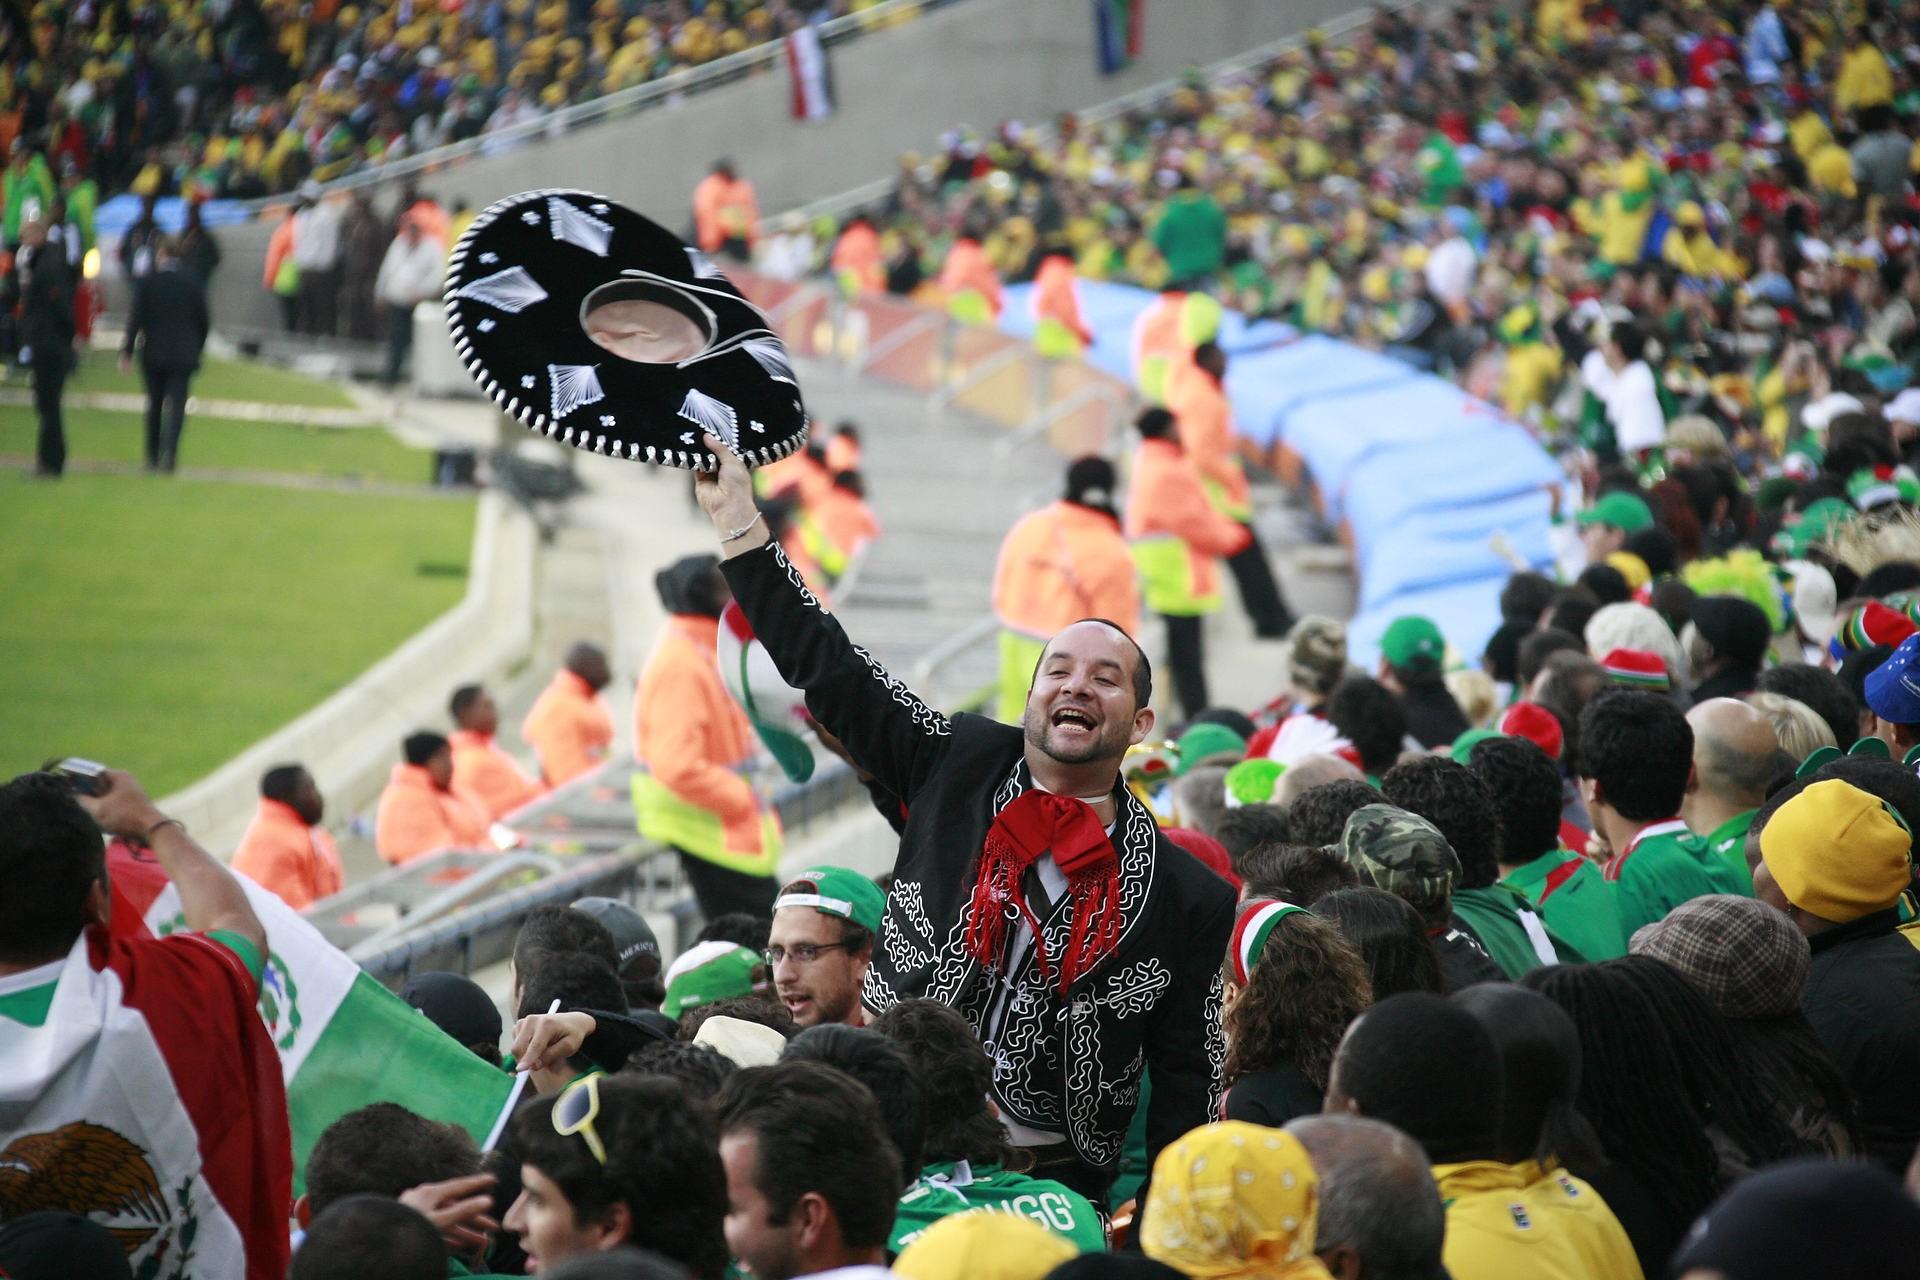 Torcida mexicana comemora gol  (Foto: Wikimedia Commons)